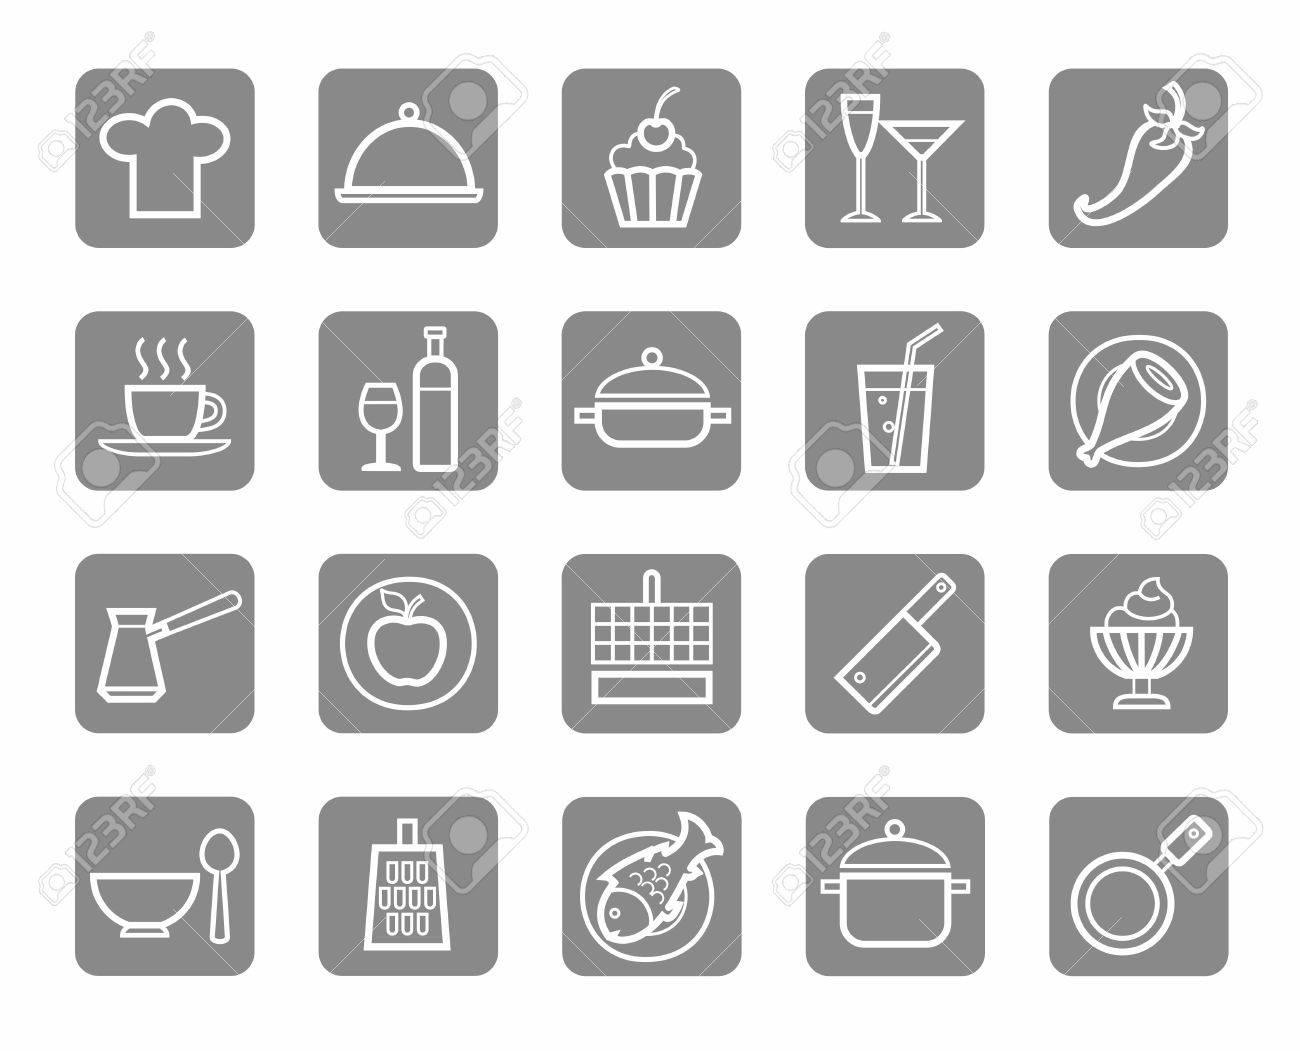 Icons, Küche, Essen, Trinken, Restaurant, Weiße Kontur, Grauen ...